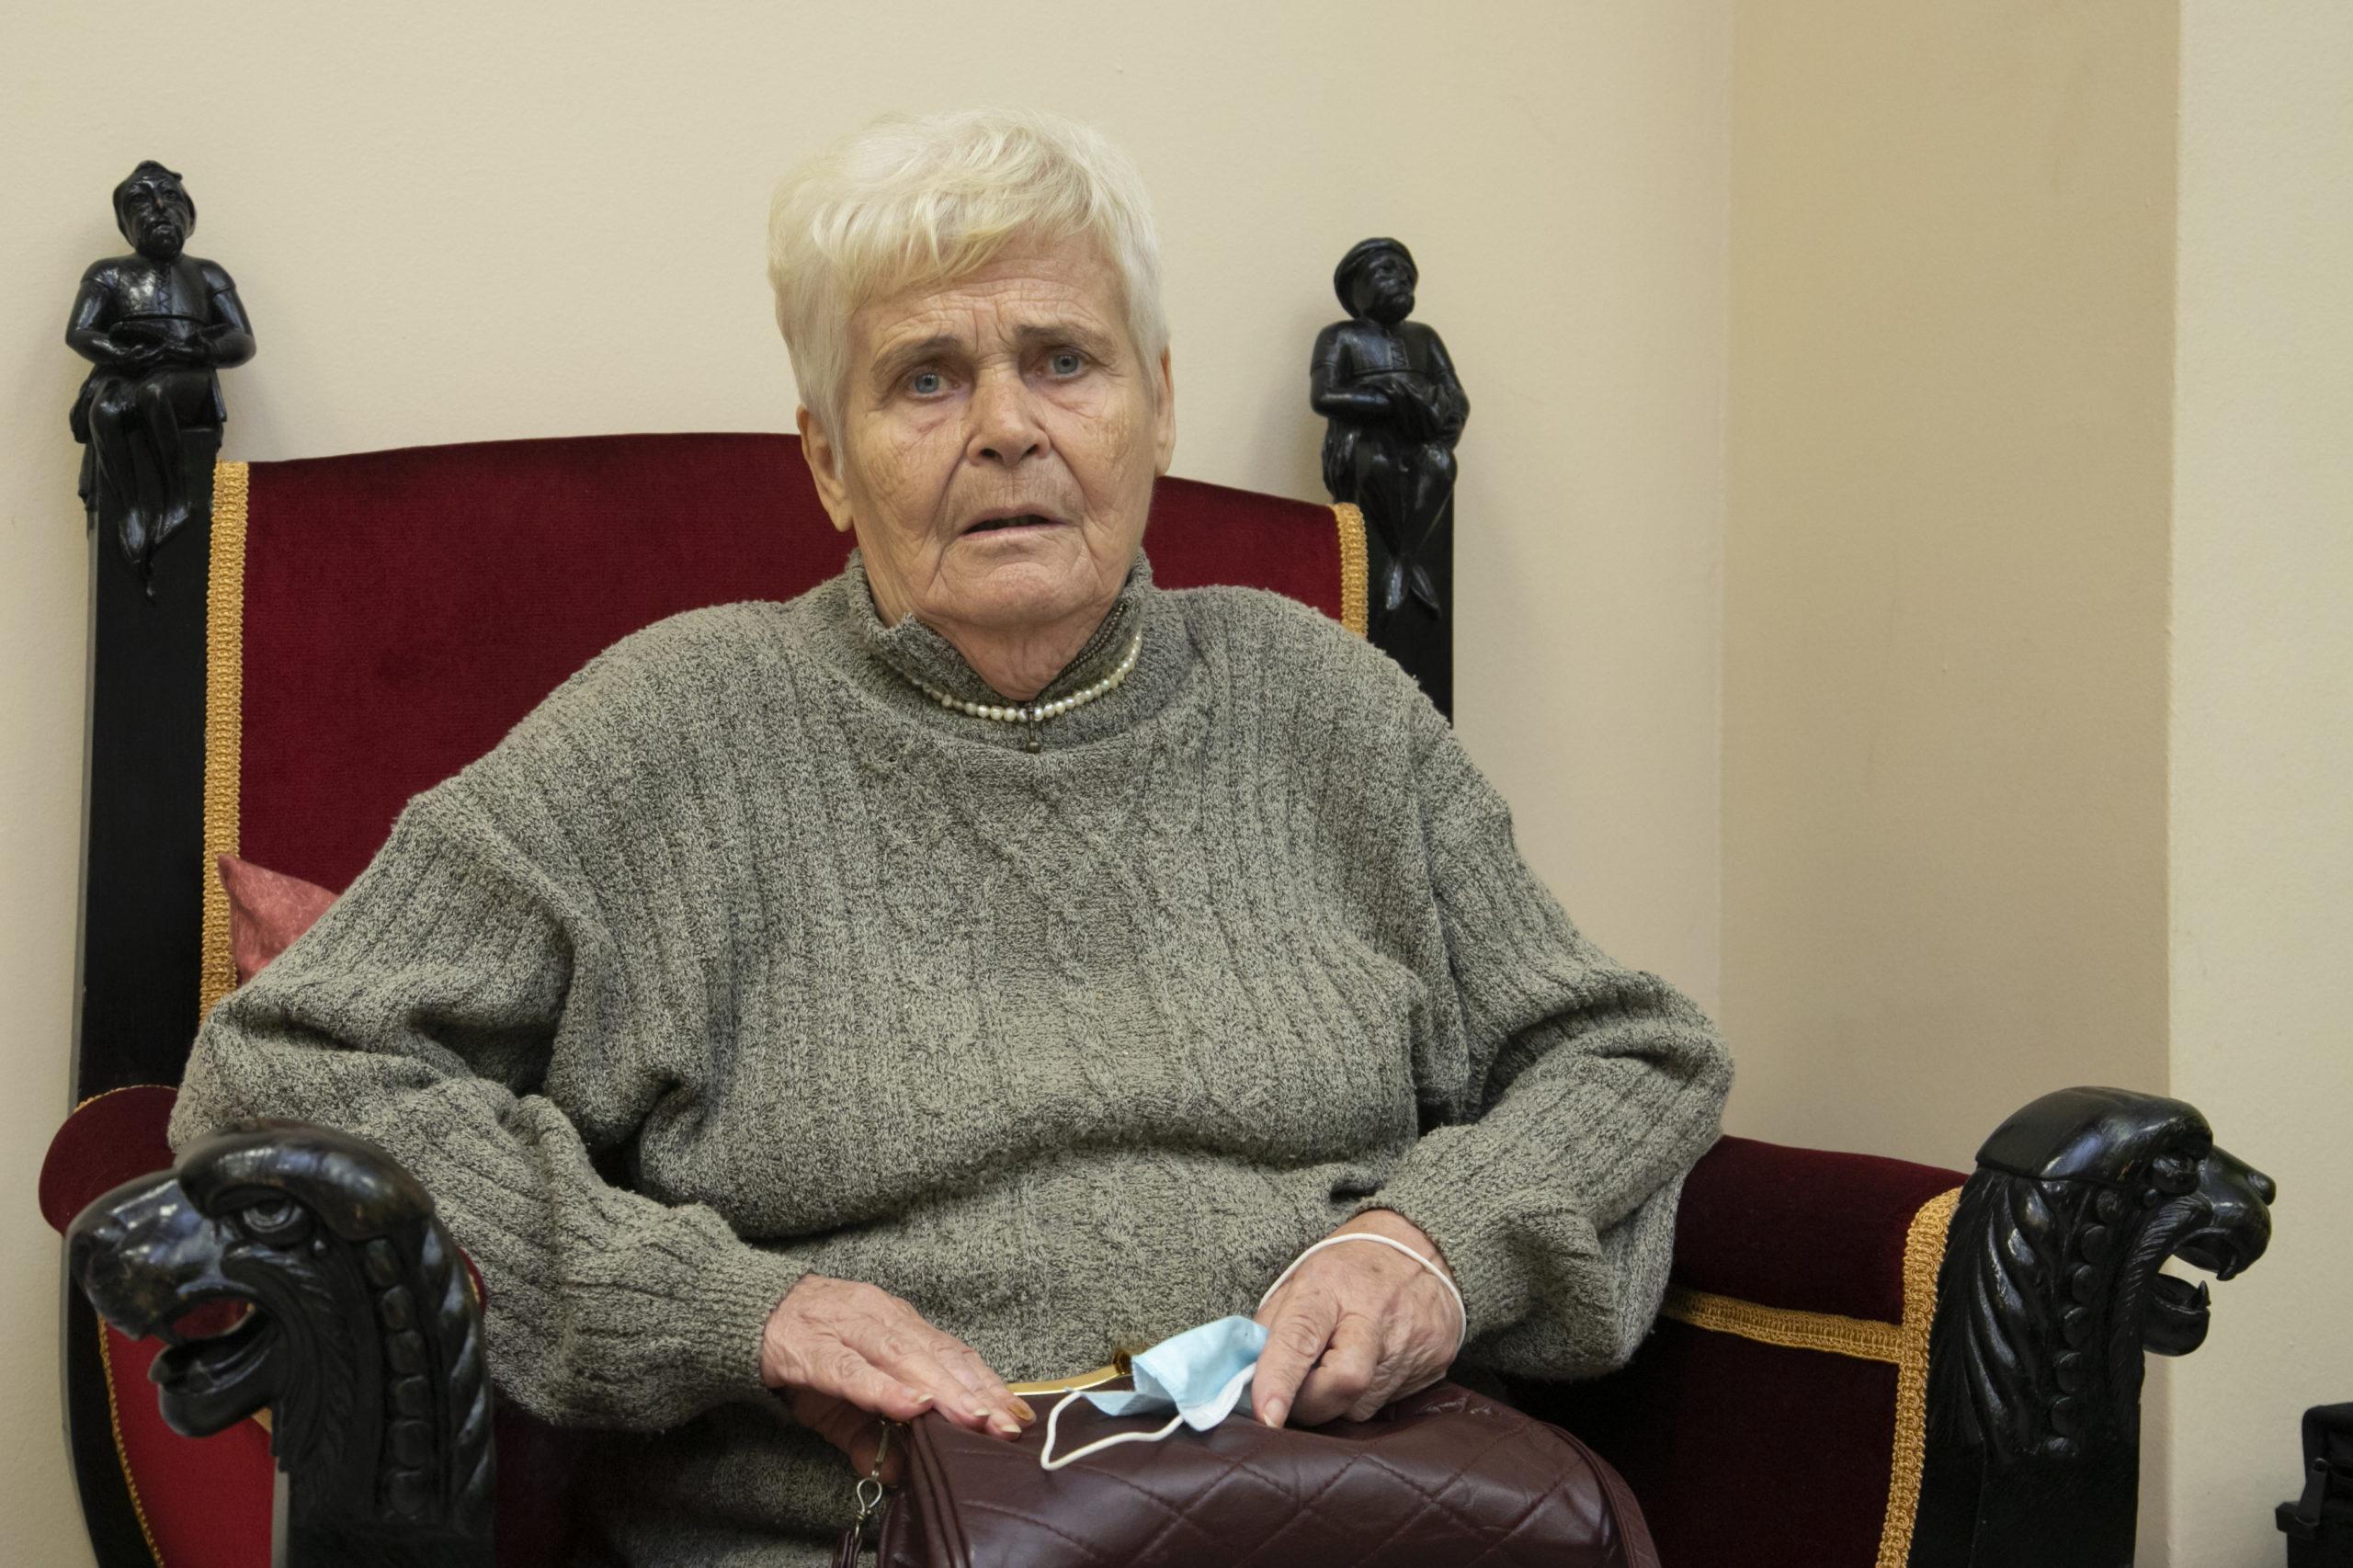 Jolika néni február 6-án hunyt el